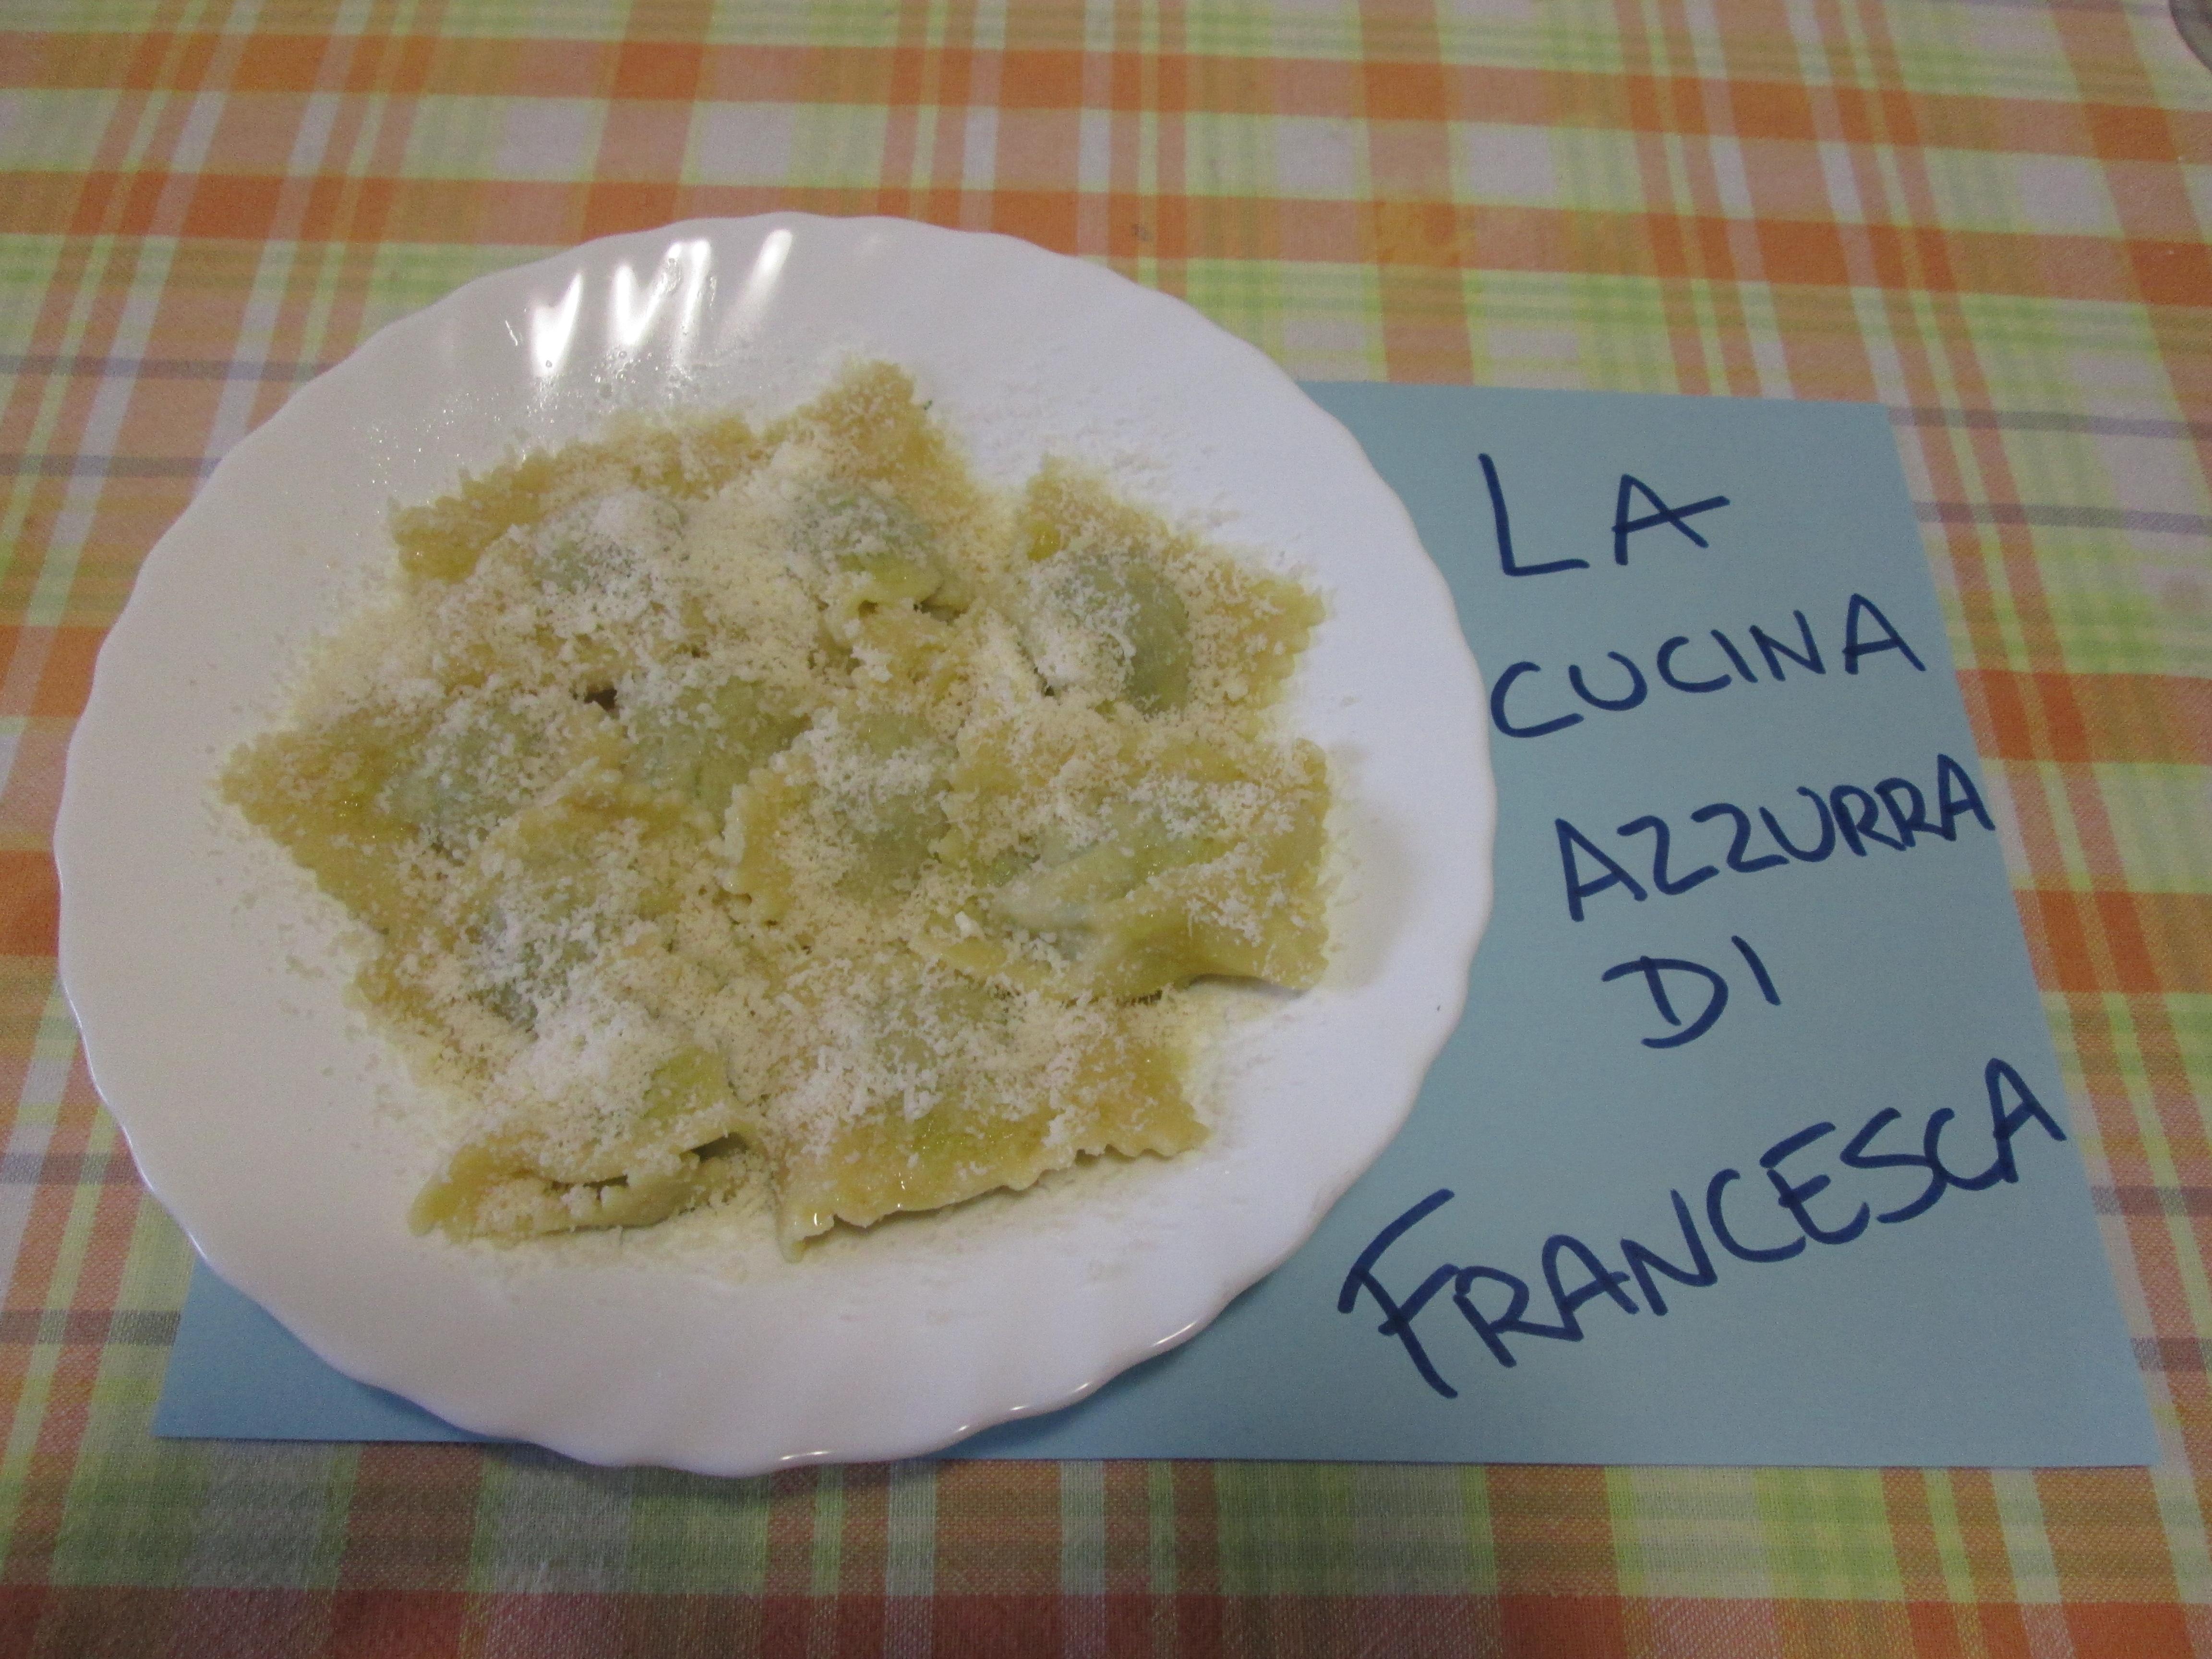 Ravioli di carne con spinaci e ricotta al sugo la cucina for La cucina di francesca valmadonna